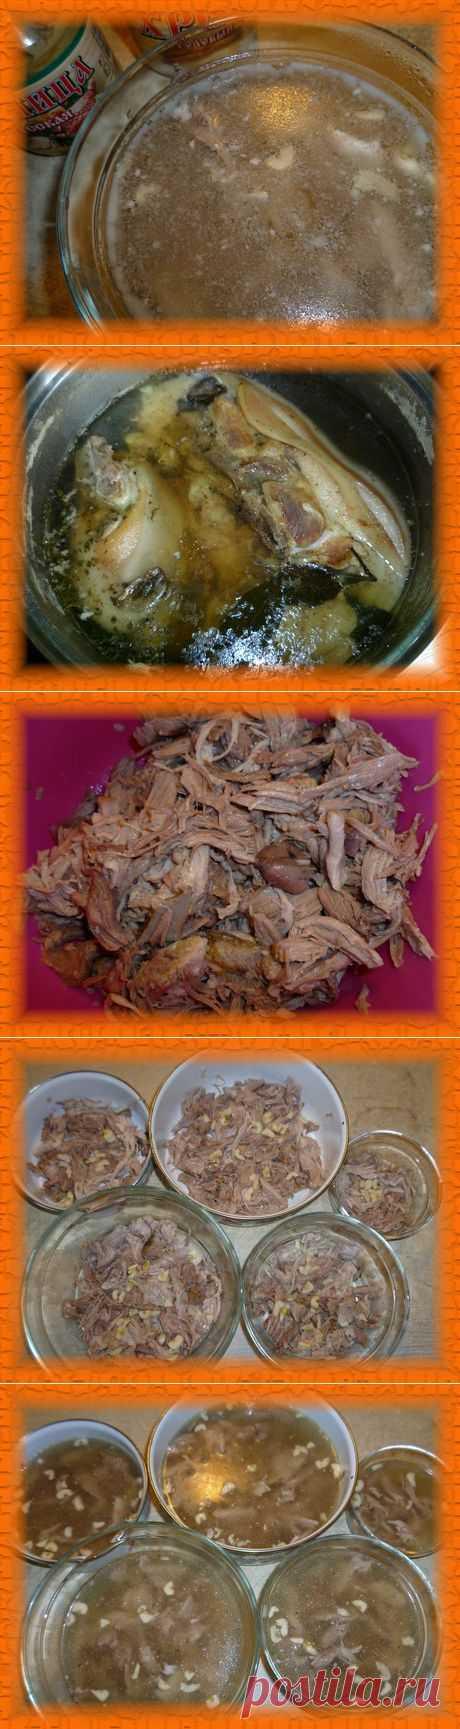 Холодец из свинины, рецепт | Снедание